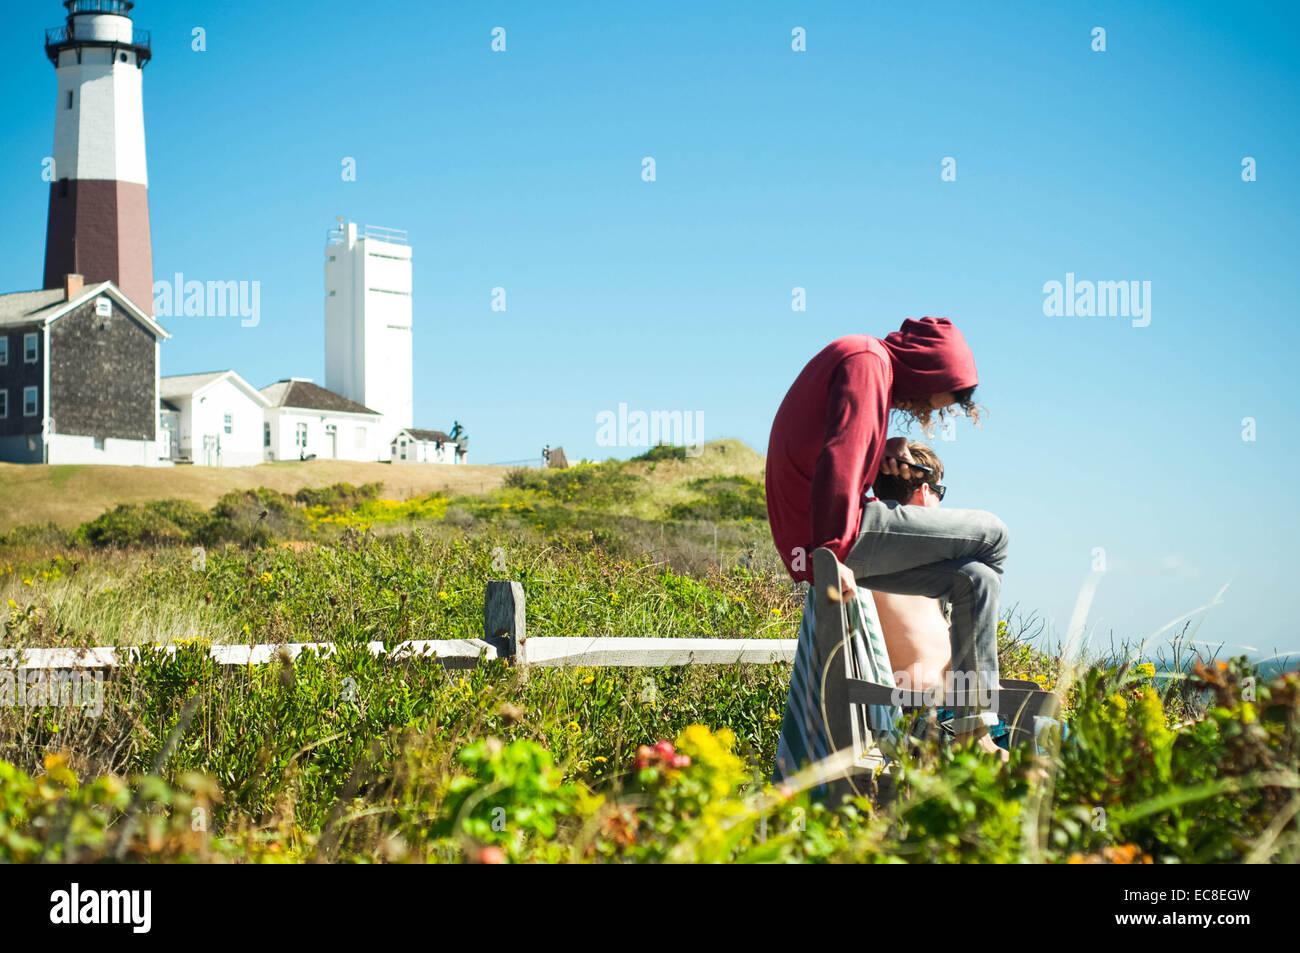 Flucht eine ungewöhnlich verpackte Lineup, prüft eine lokalen Surfer sein Handy zwischen Surf-Sessions Stockbild